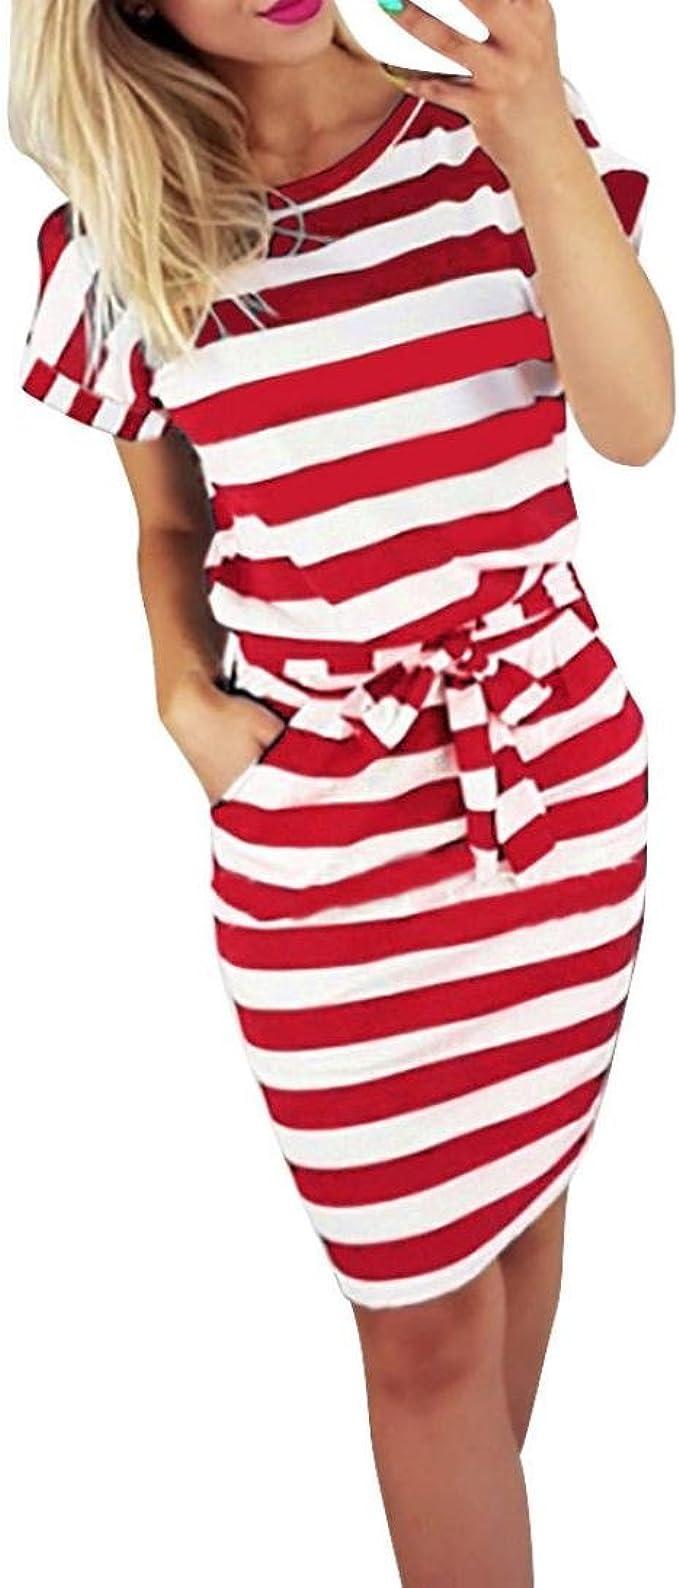 Gusspower Mode Damen Kleid Sommer Casual Rundkragen Kurzarm Gestreifte  Krawatte Taille Frauen Batwing Beiläufige Knielänge Rot Kleid